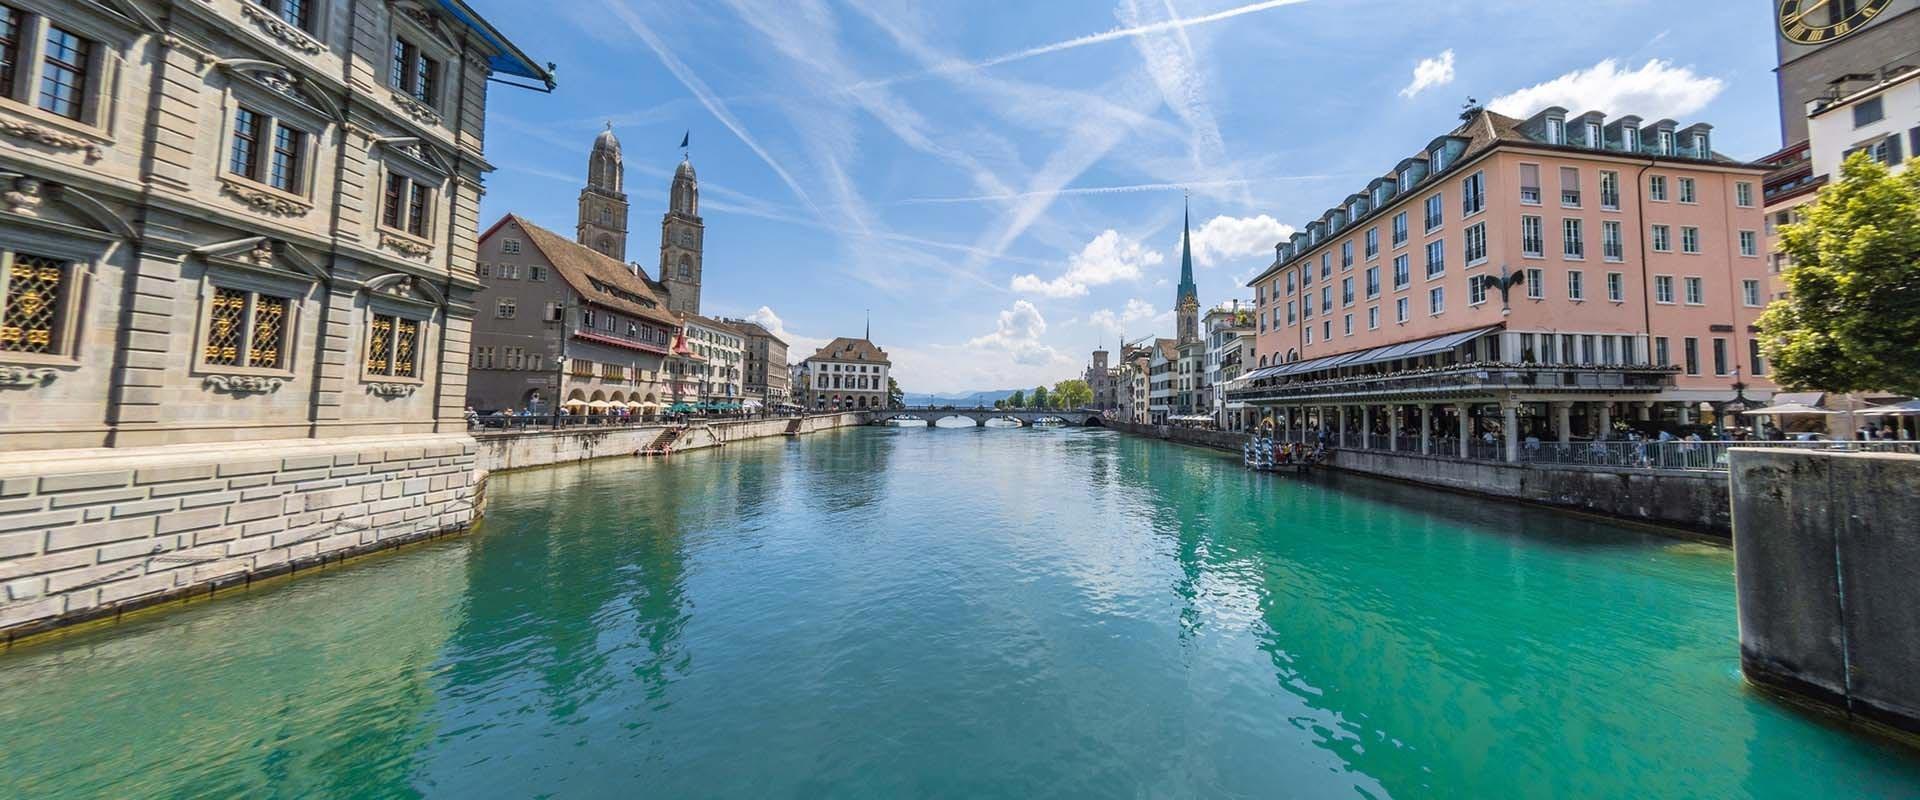 Zürich Public Holidays - Publicholidays.ch-Zurich Bank Holidays 2020